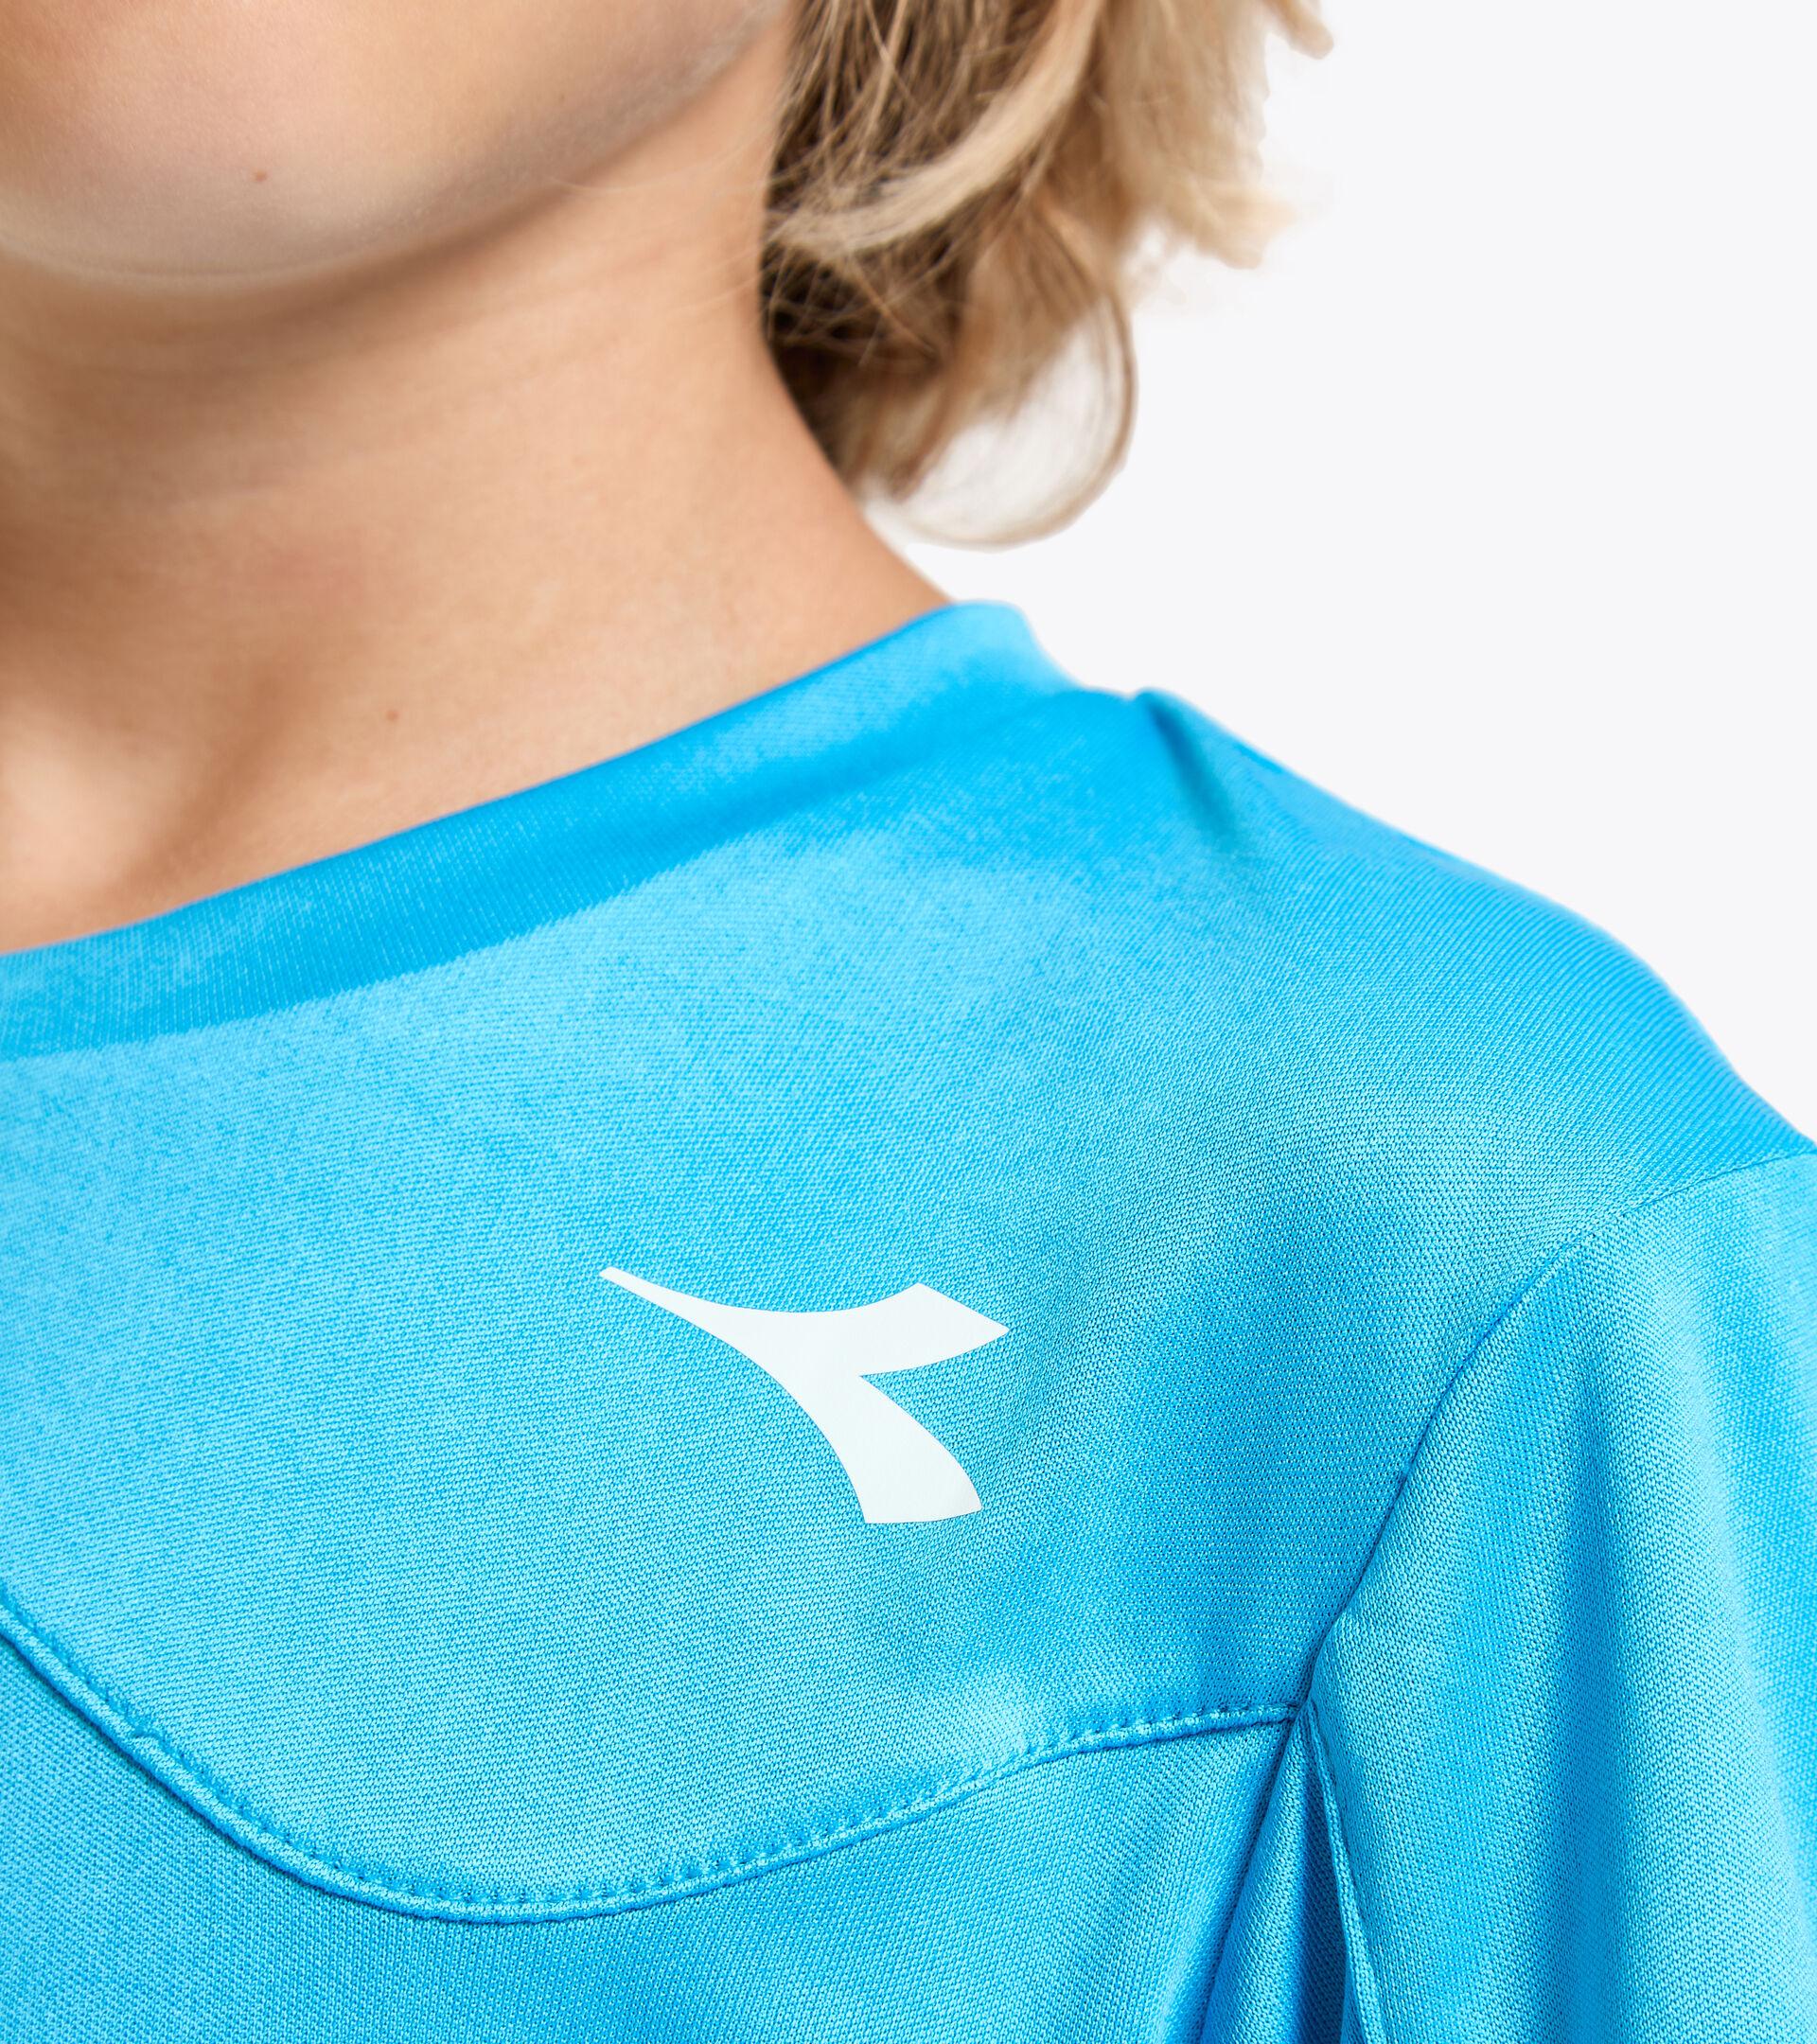 Camiseta de tenis - Junior J. T-SHIRT TEAM AZUL REAL FLUO - Diadora